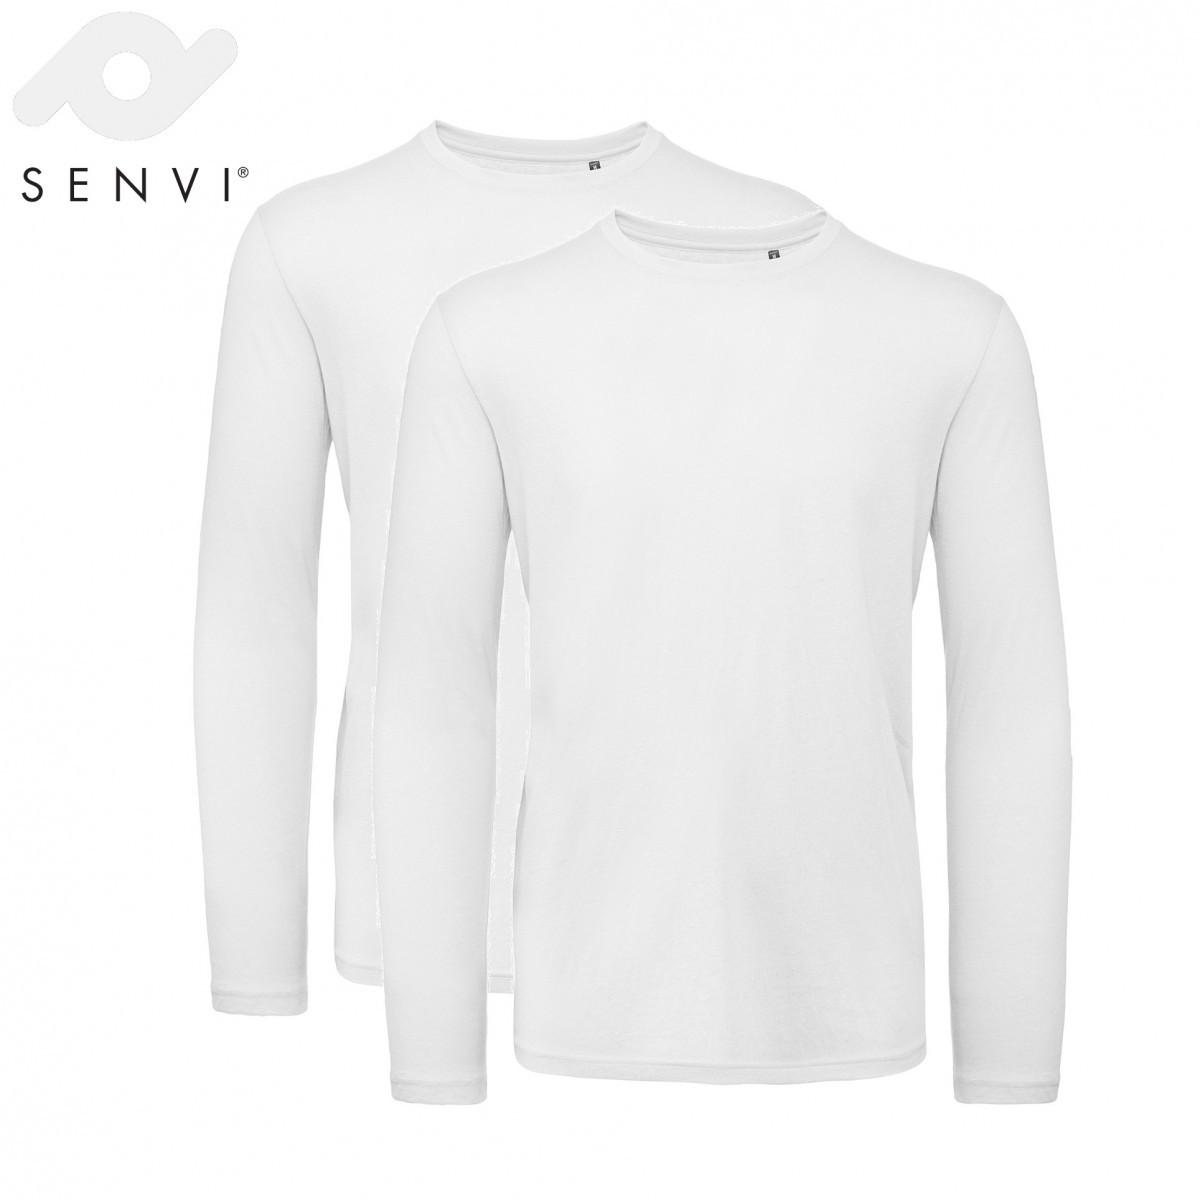 Senvi Basic T-shirt 2 pack Lange Mouwen Heren Wit Maat XXXL (3XL) (organisch katoen)